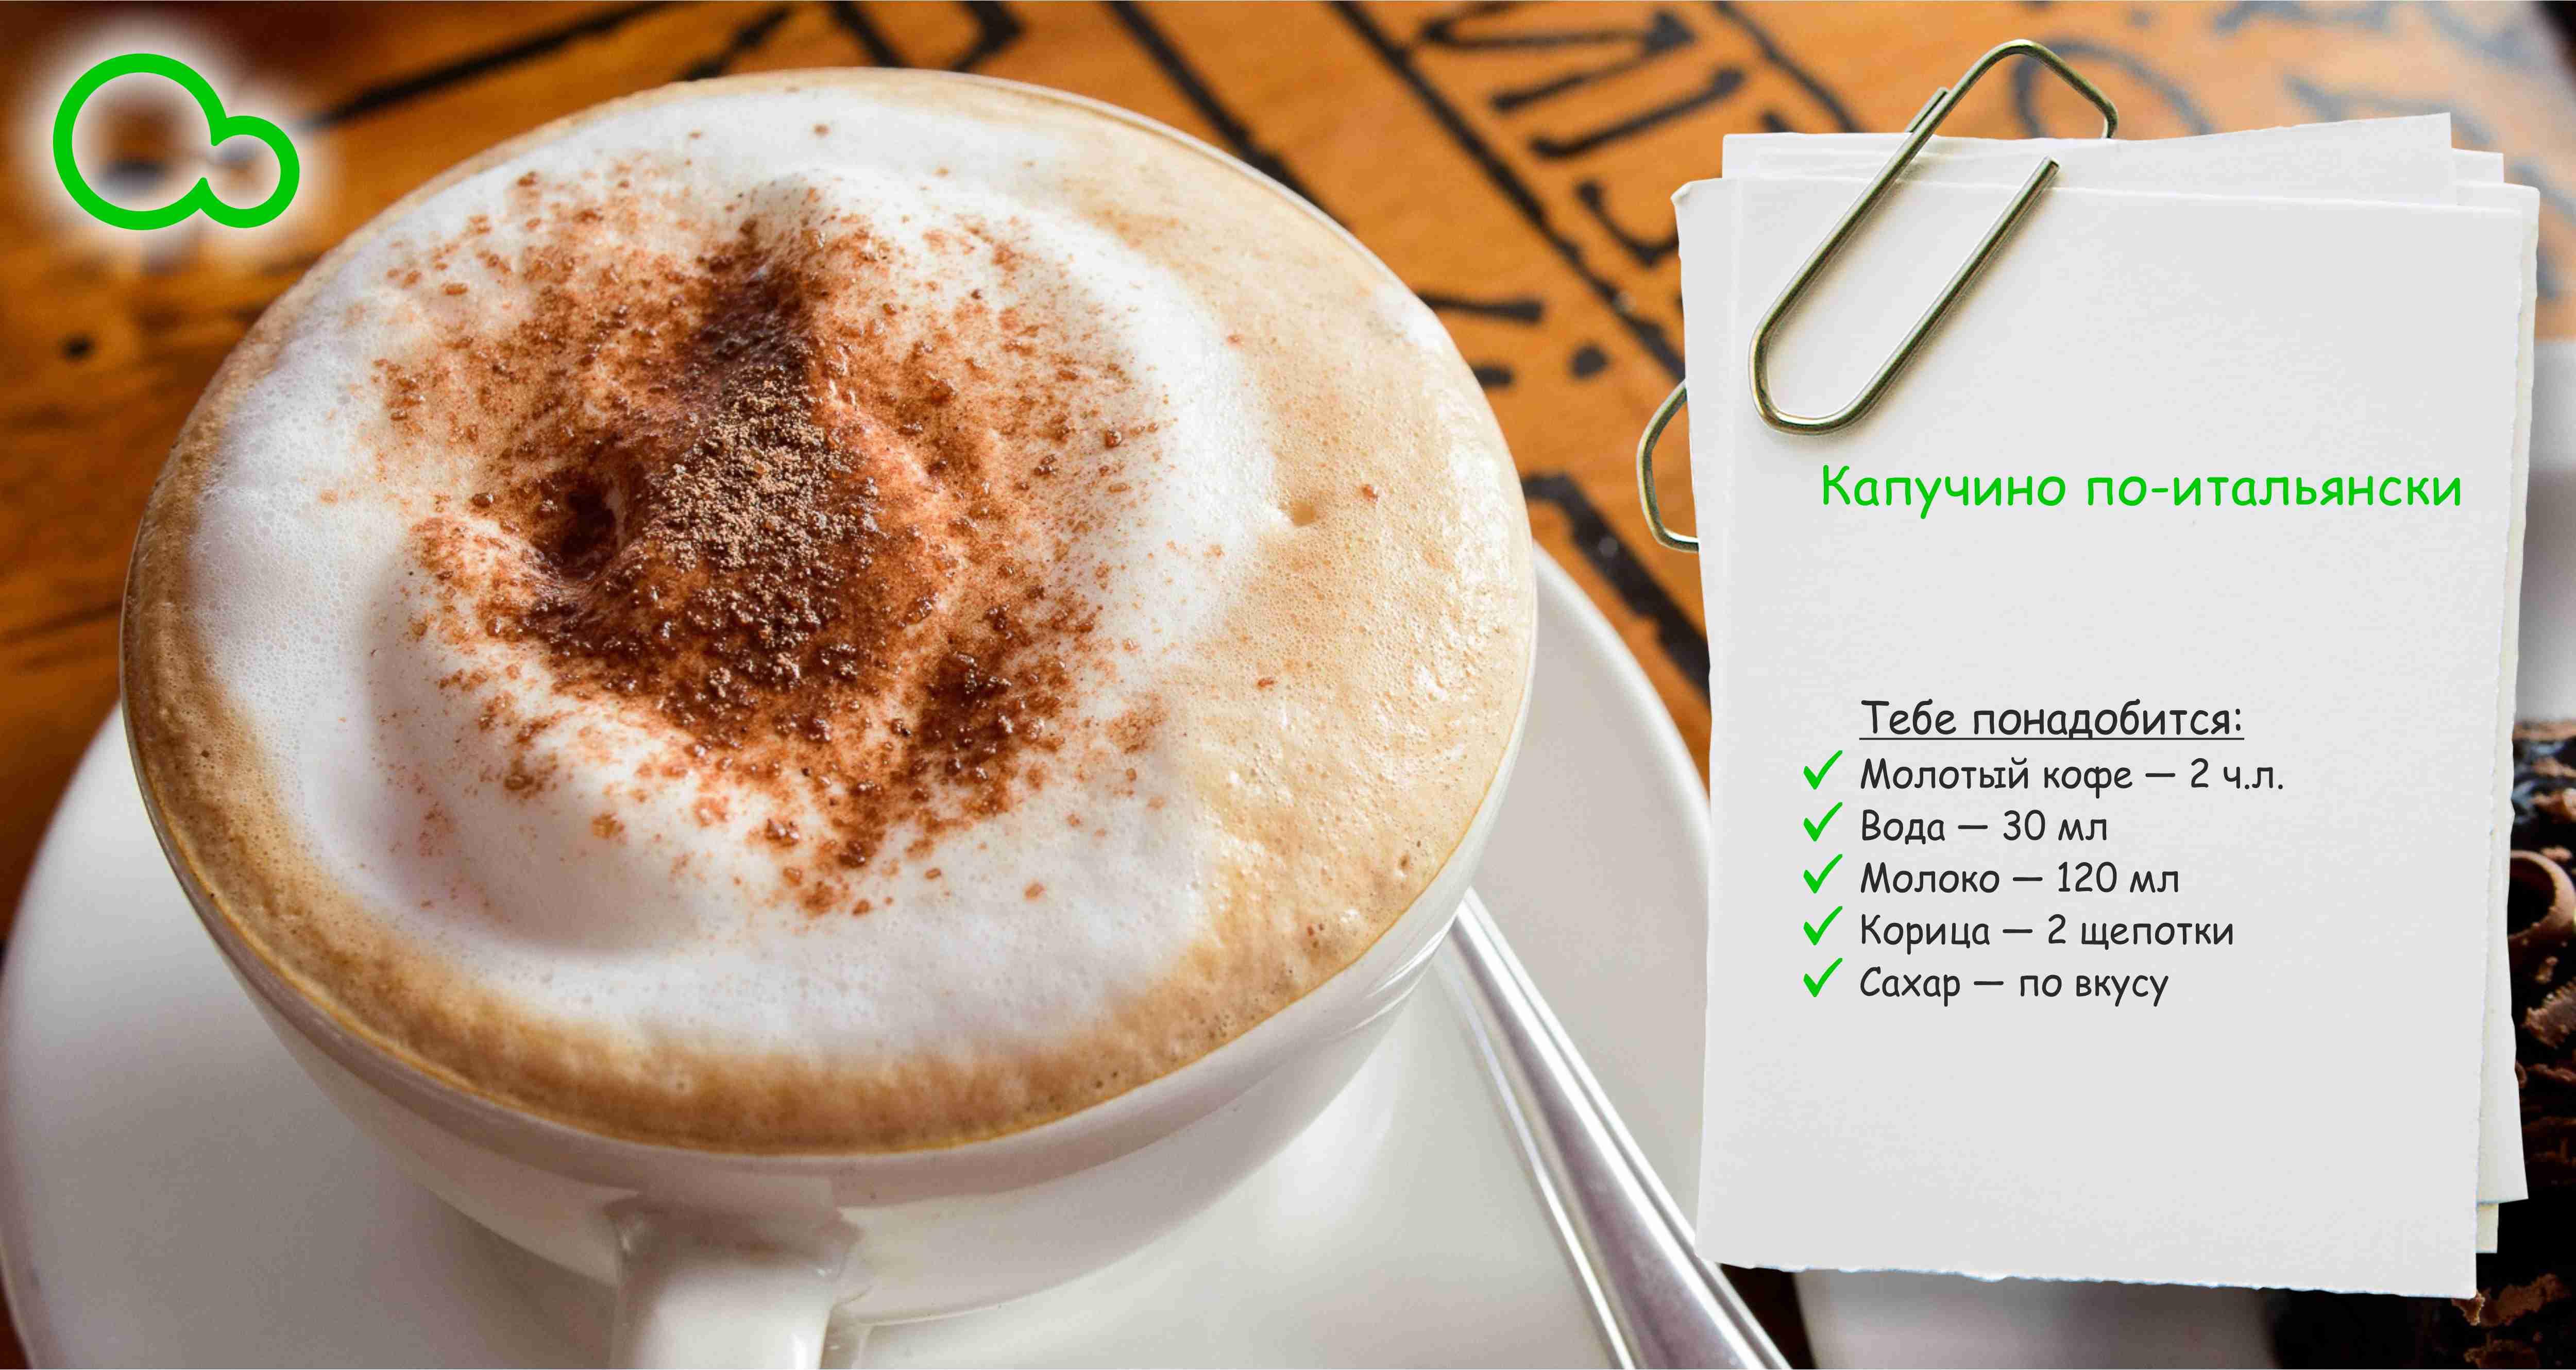 Виды кофе в италии и как приготовить кофе по-итальянски дома